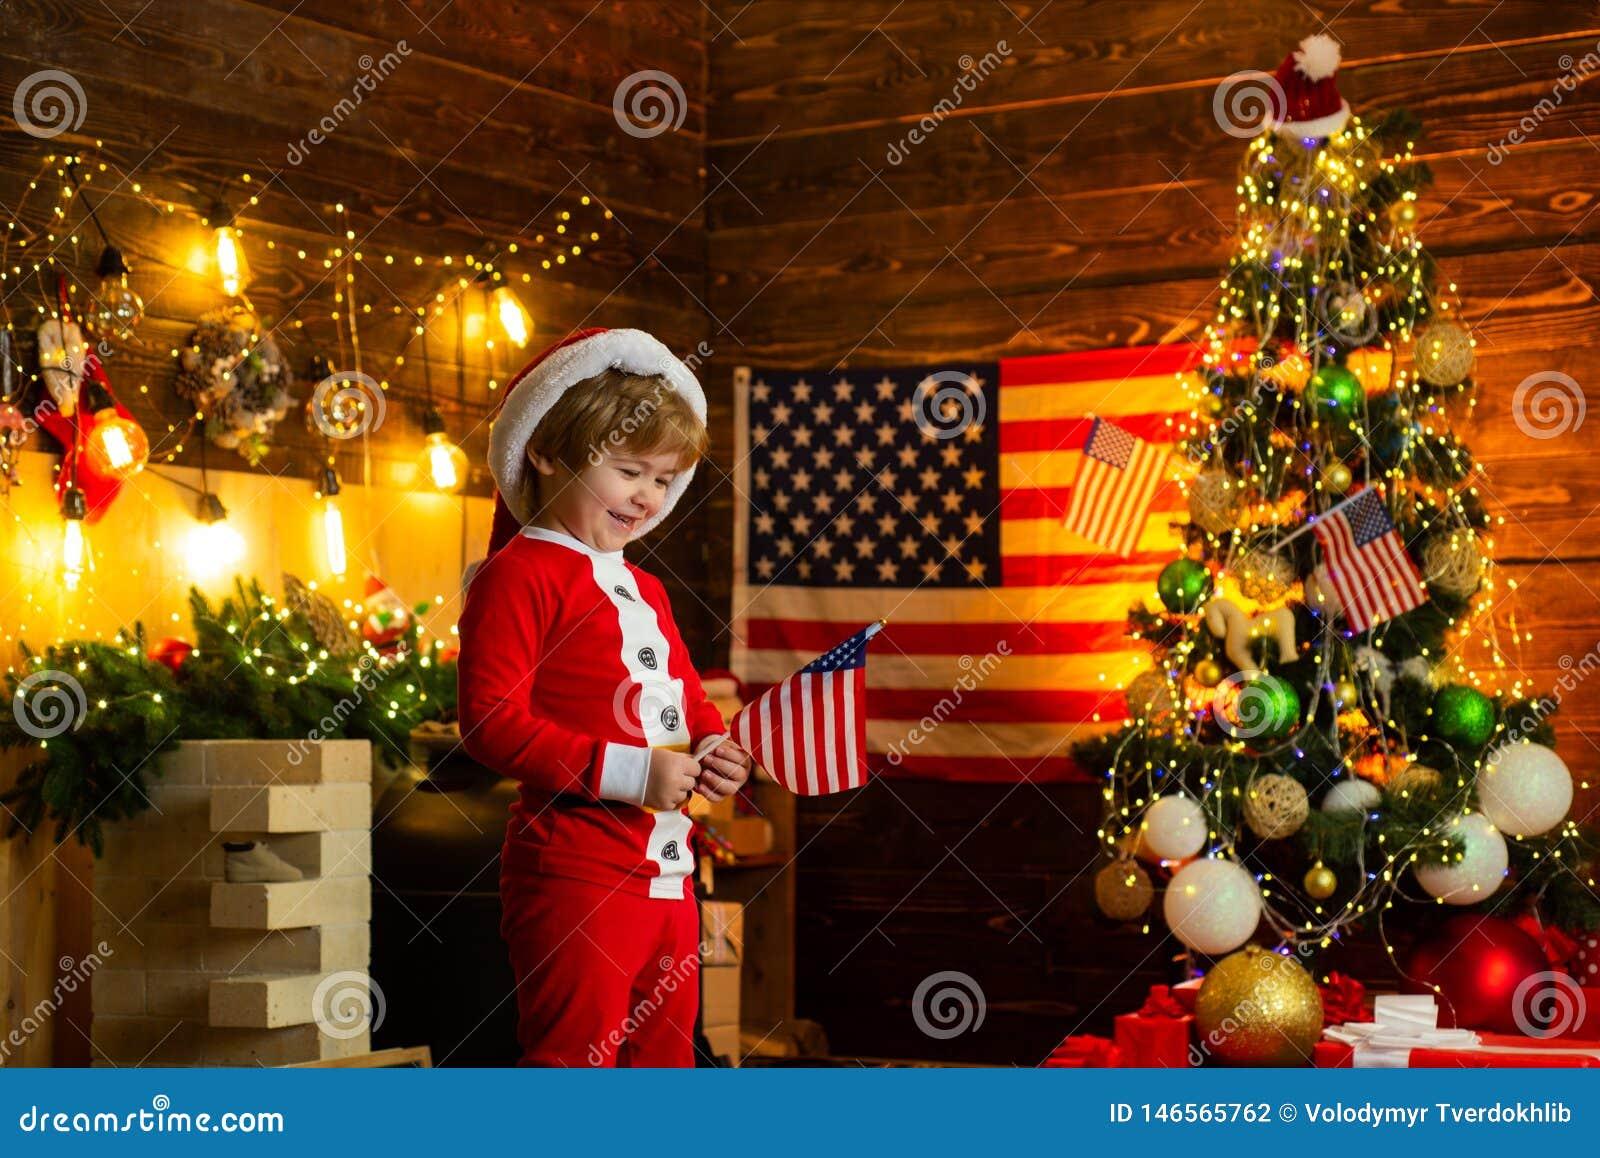 小男孩获得圣诞老人的帽子和的服装乐趣 美国传统概念 小孩庆祝圣诞节 真实的美国人